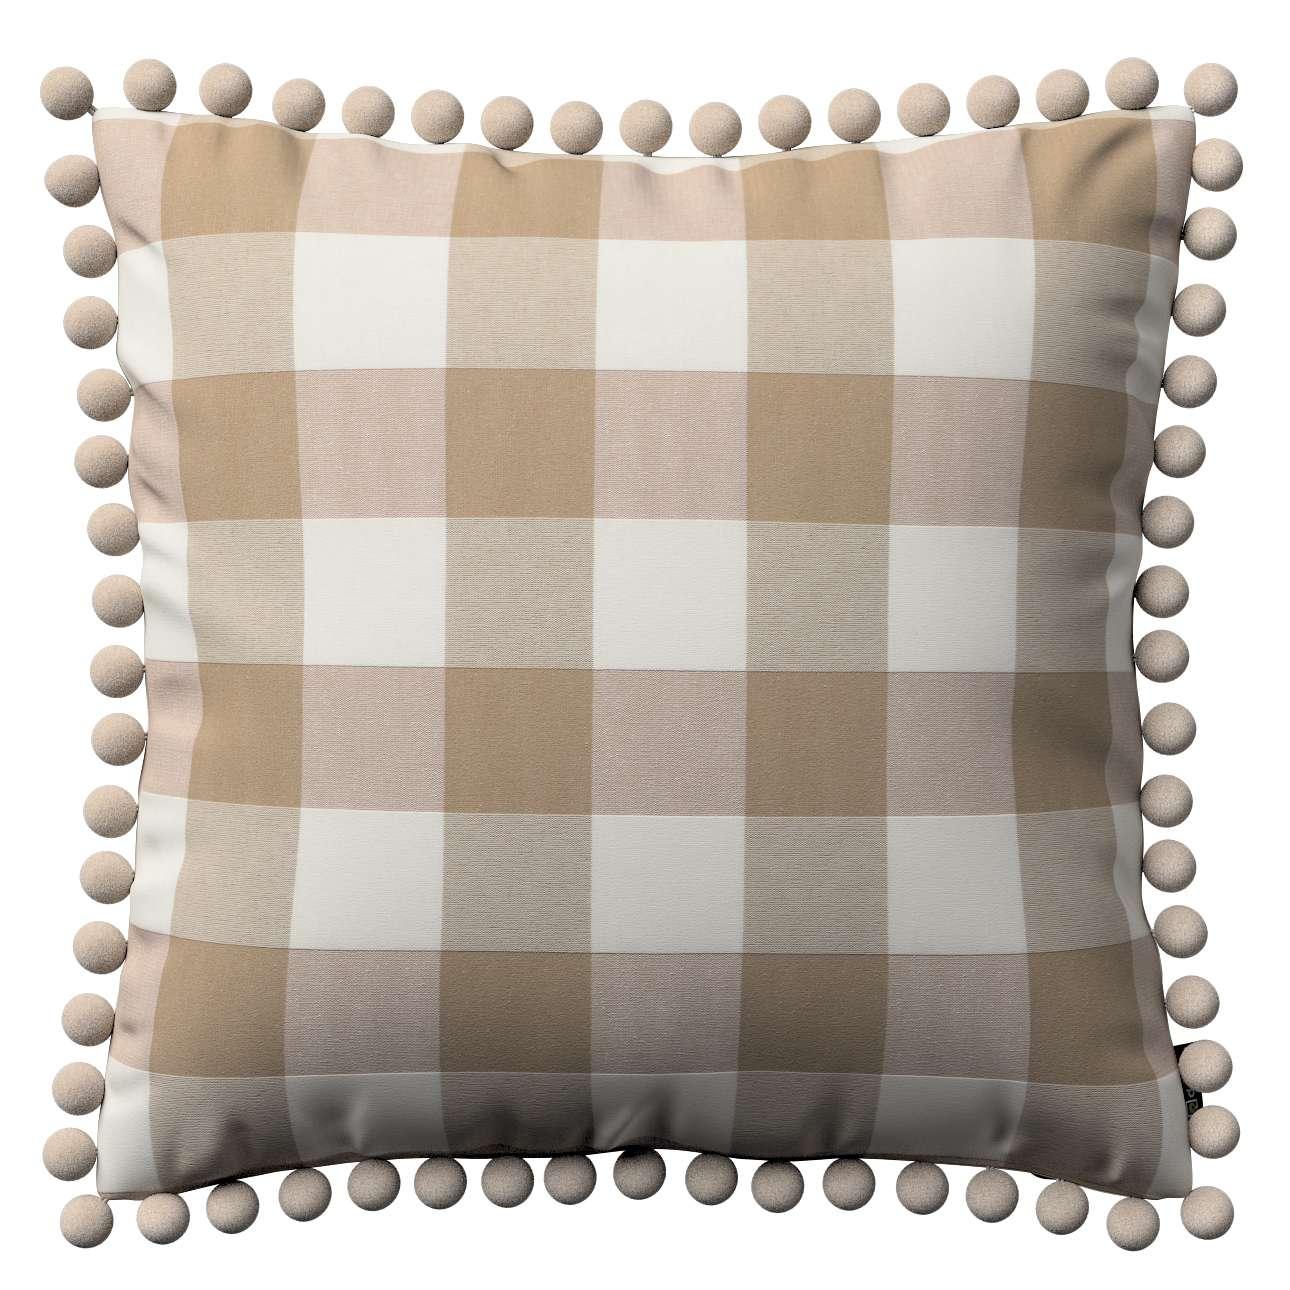 Wera dekoratyvinės pagalvėlės užvalkalas su žaismingais kraštais 45 x 45 cm kolekcijoje Quadro, audinys: 136-08